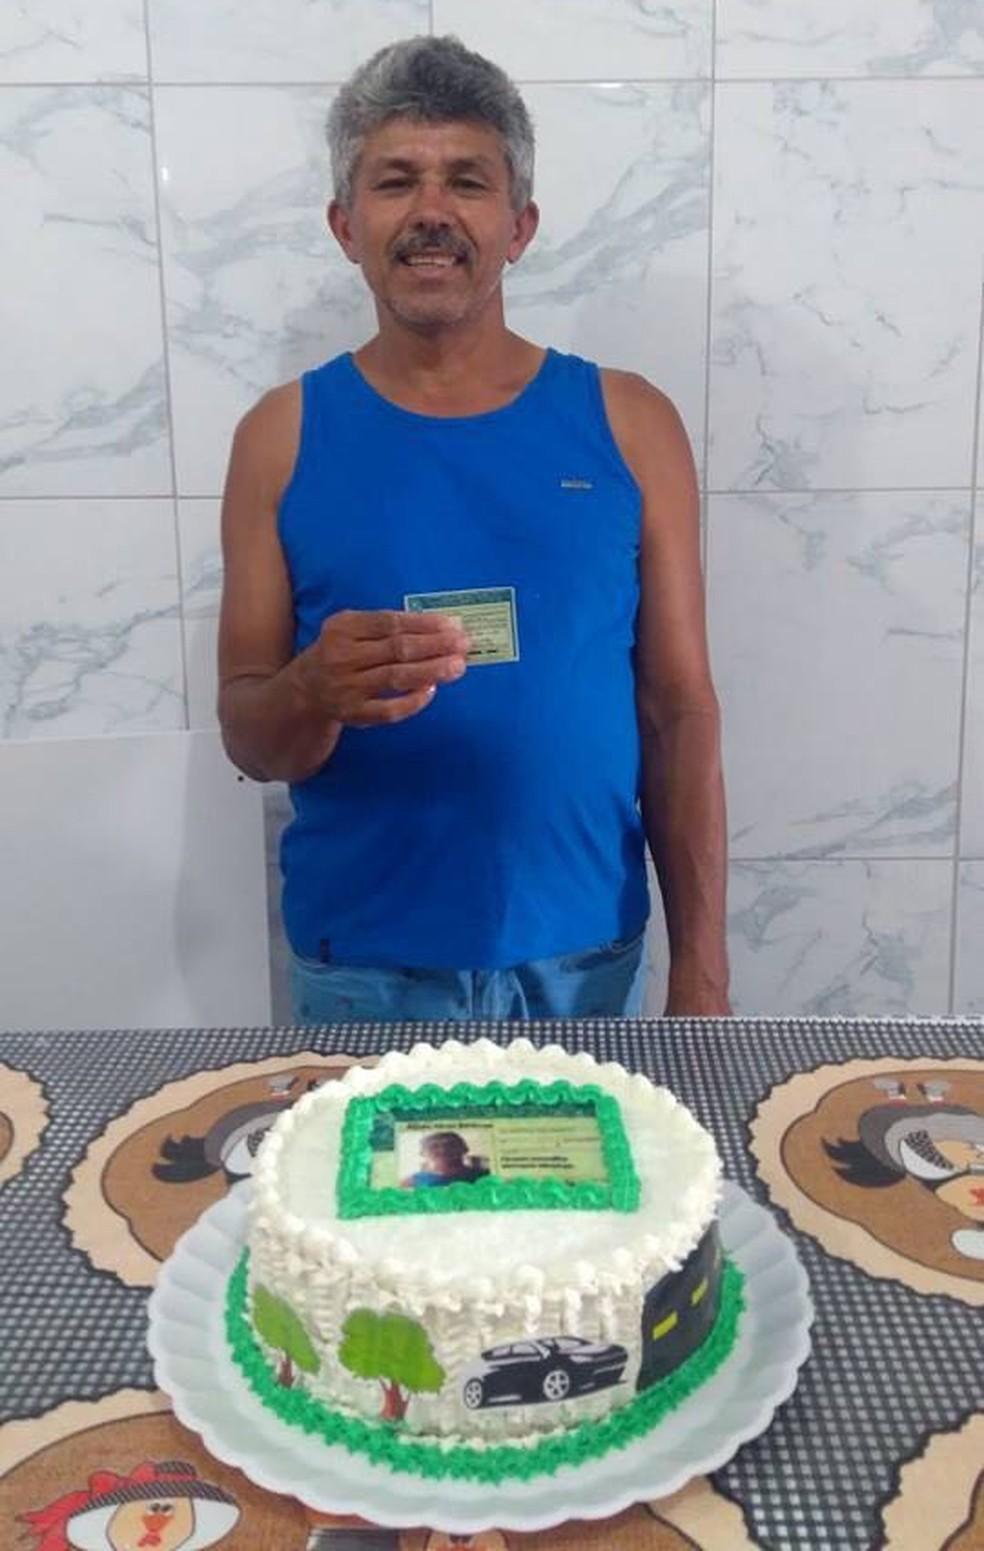 Paulo Alves comemora conquisa de CNH com festa surpresa (Foto: Monique Florêncio/Arquivo Pessoal)